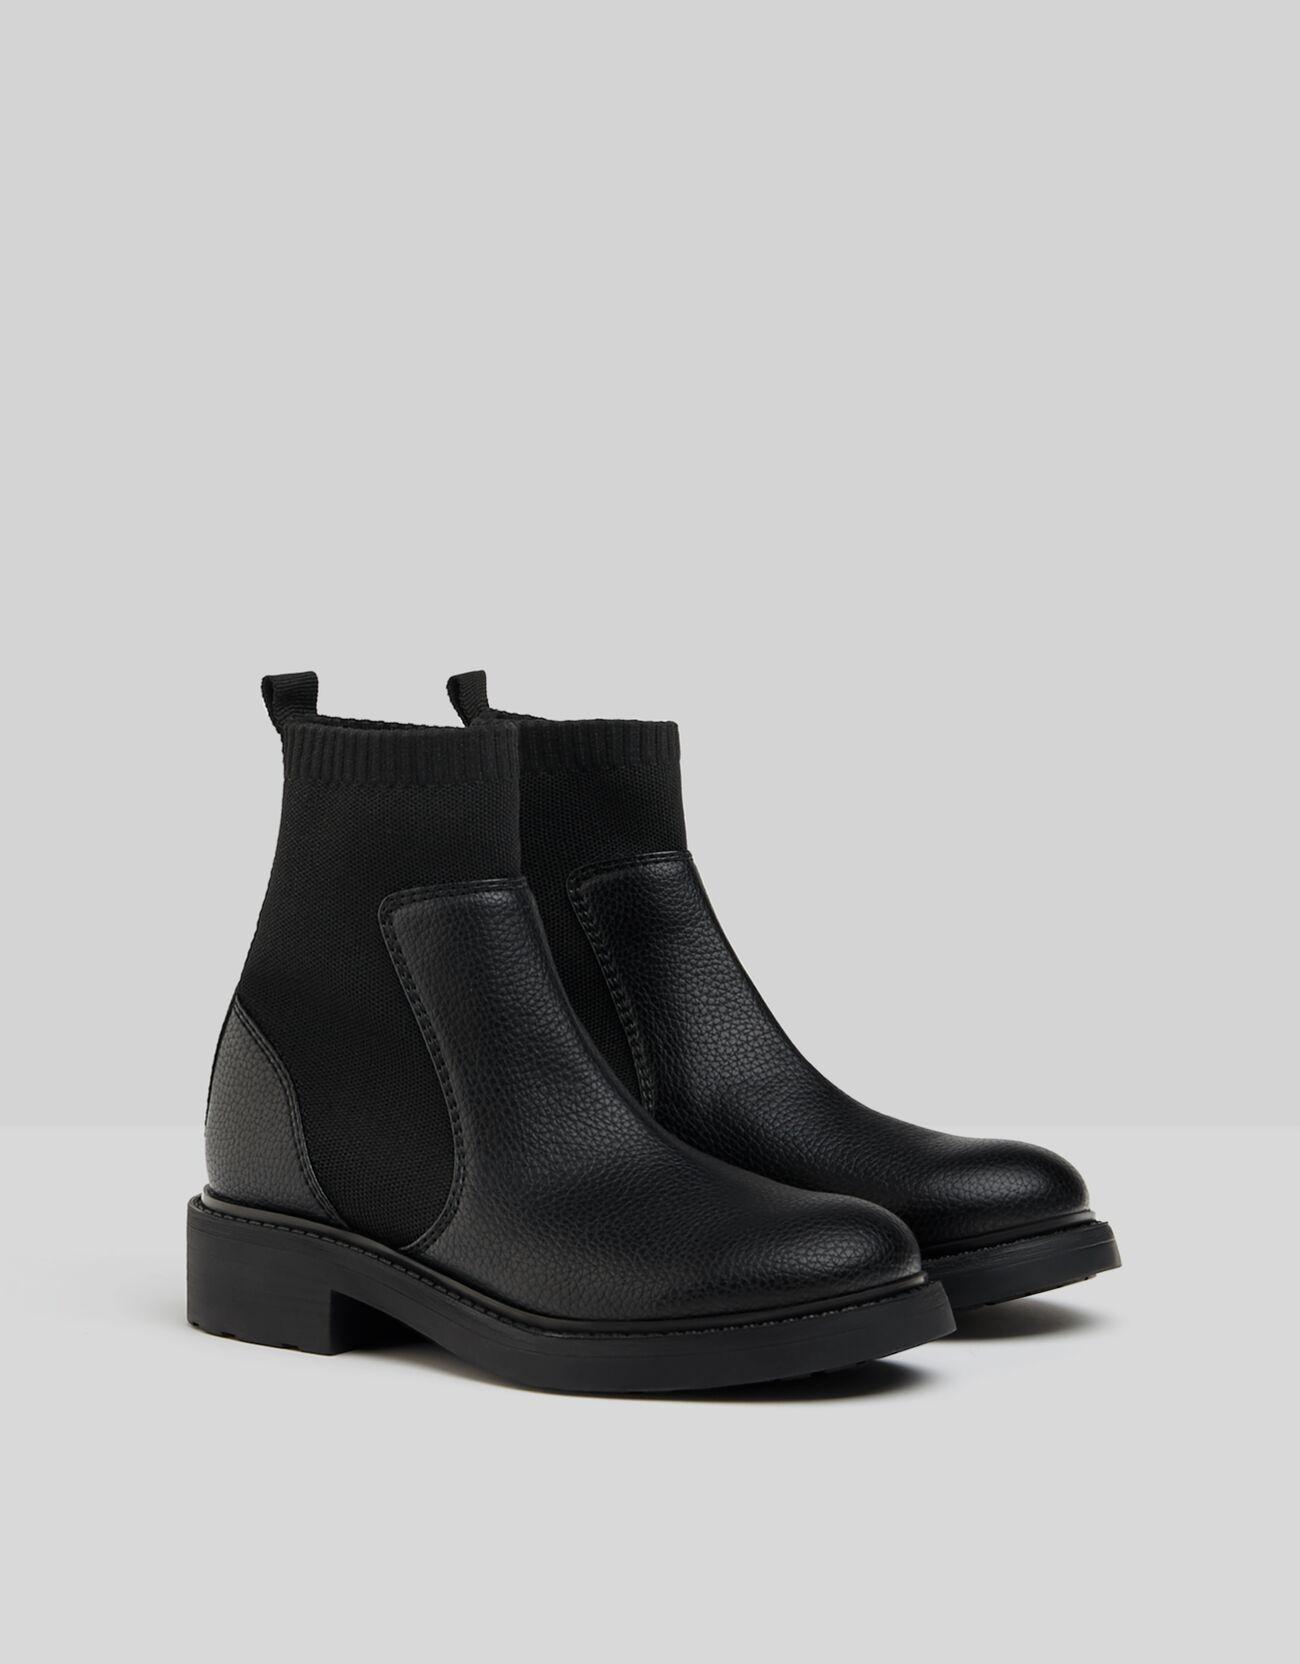 Artikel klicken und genauer betrachten! - Flache Stiefeletten Mit Sock-Boots Color: Schwarz Size: 36 Material: Kautschuk;Polyurethan;Polyester Farbe:Schwarz Größe: 36   im Online Shop kaufen